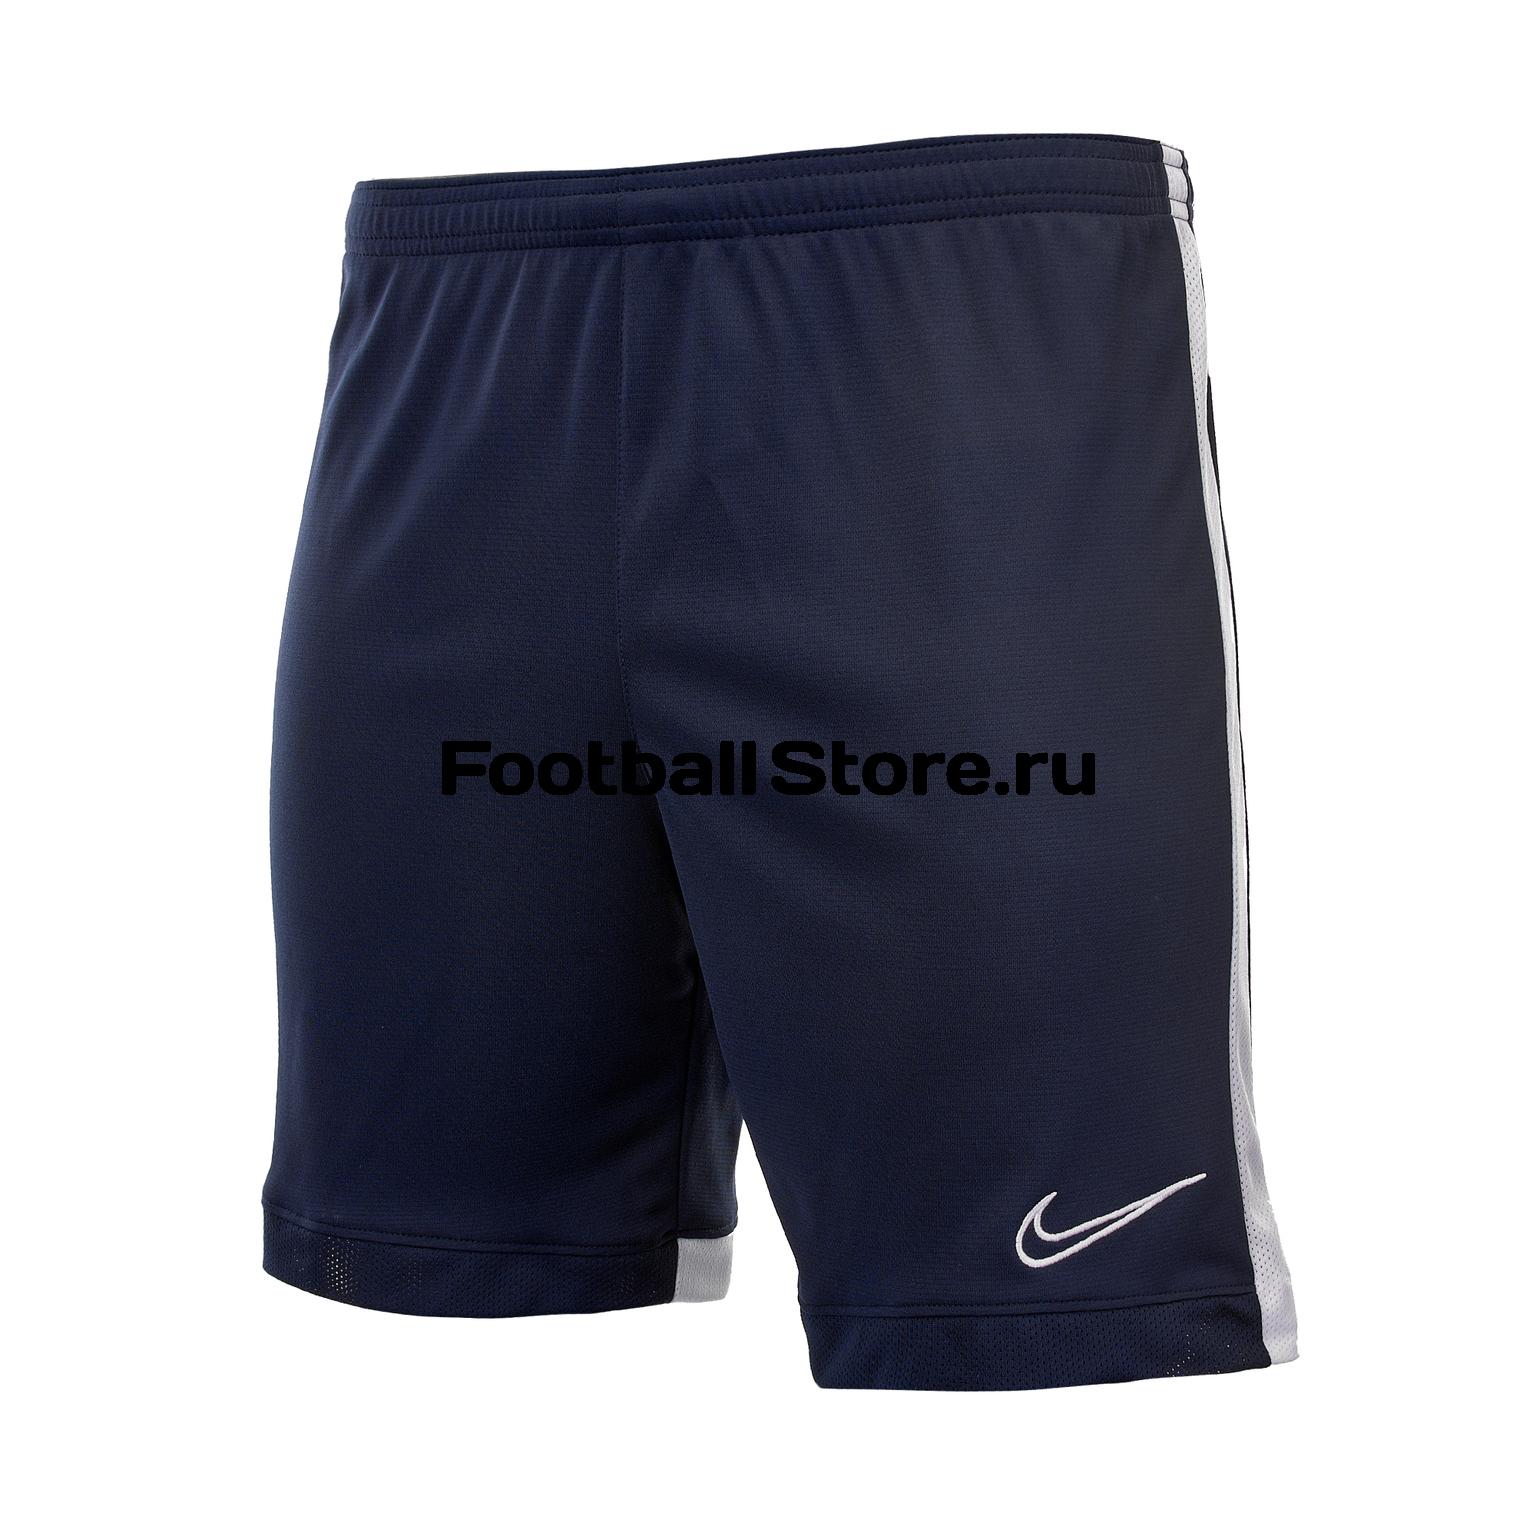 Шорты тренировочные Nike Dry Academy Short AJ9994-451 цена